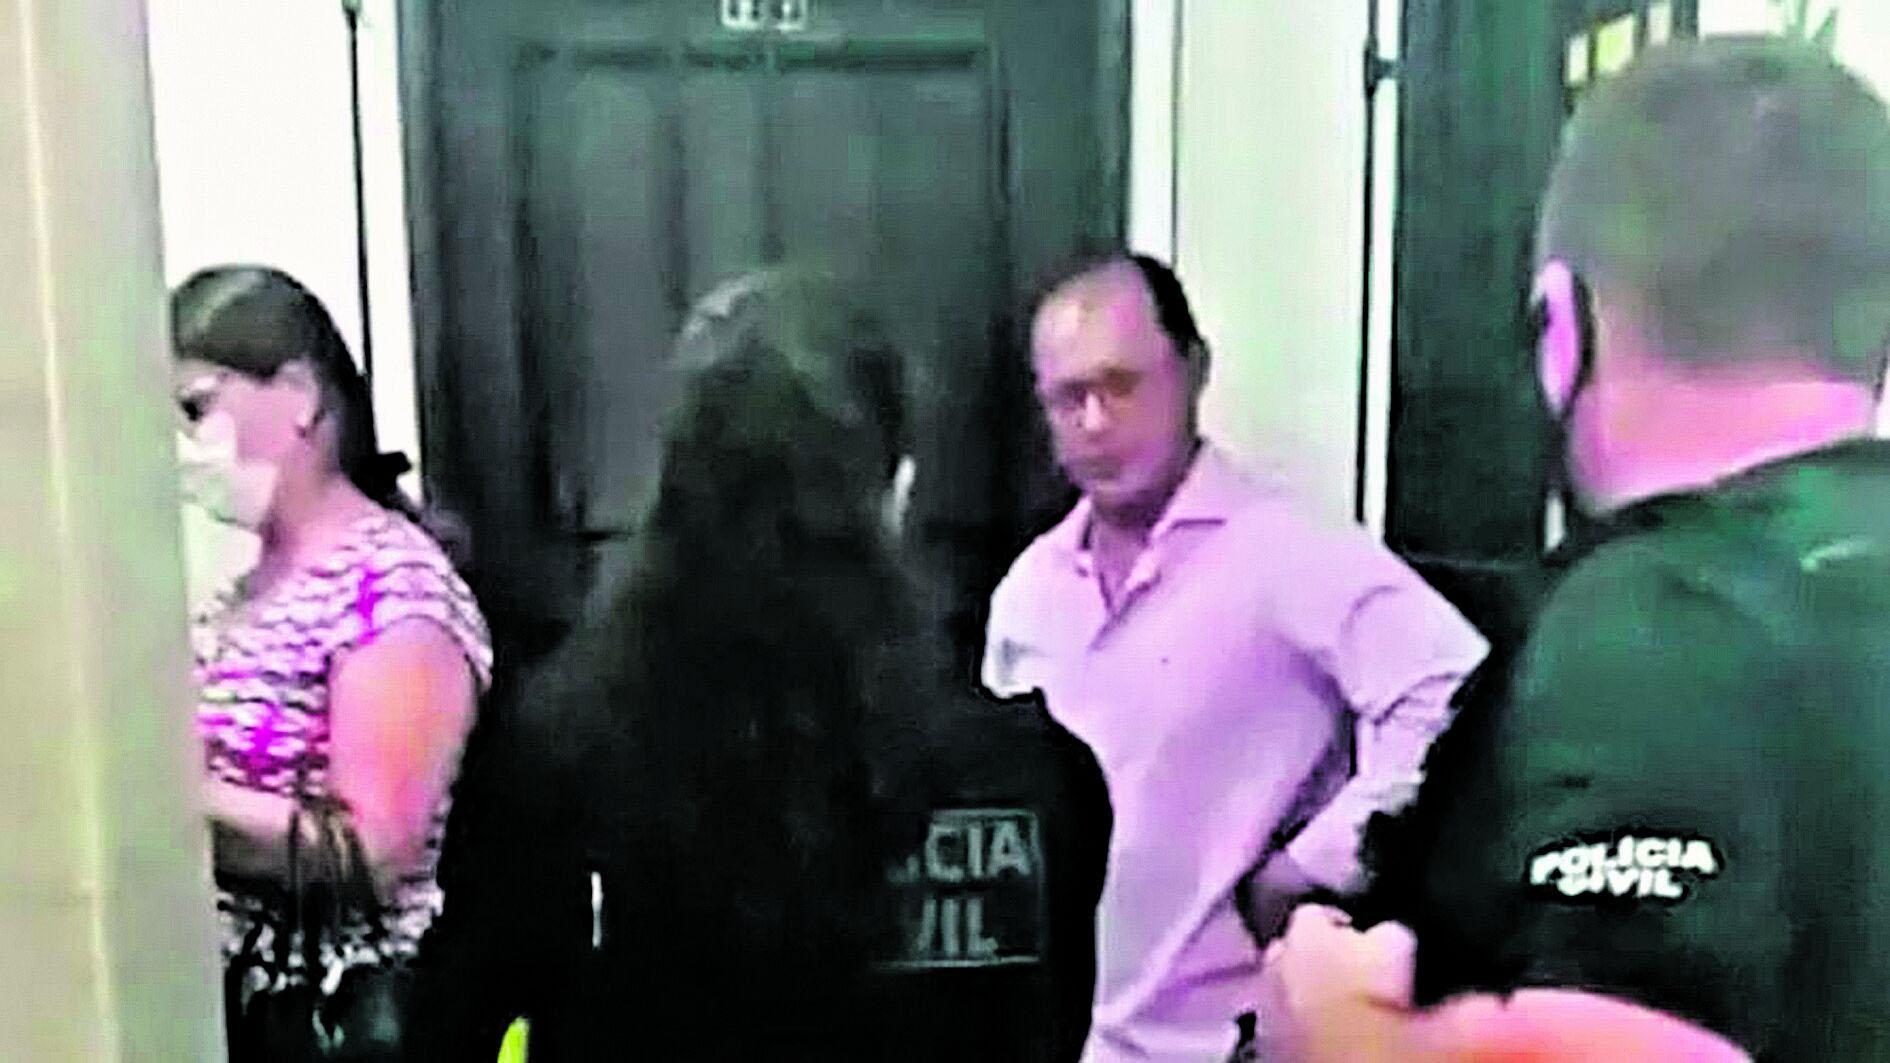 Geomárcio Alves, subordinado ao chefe do MPE, durante operação policial que investigava Sérgio Amorim